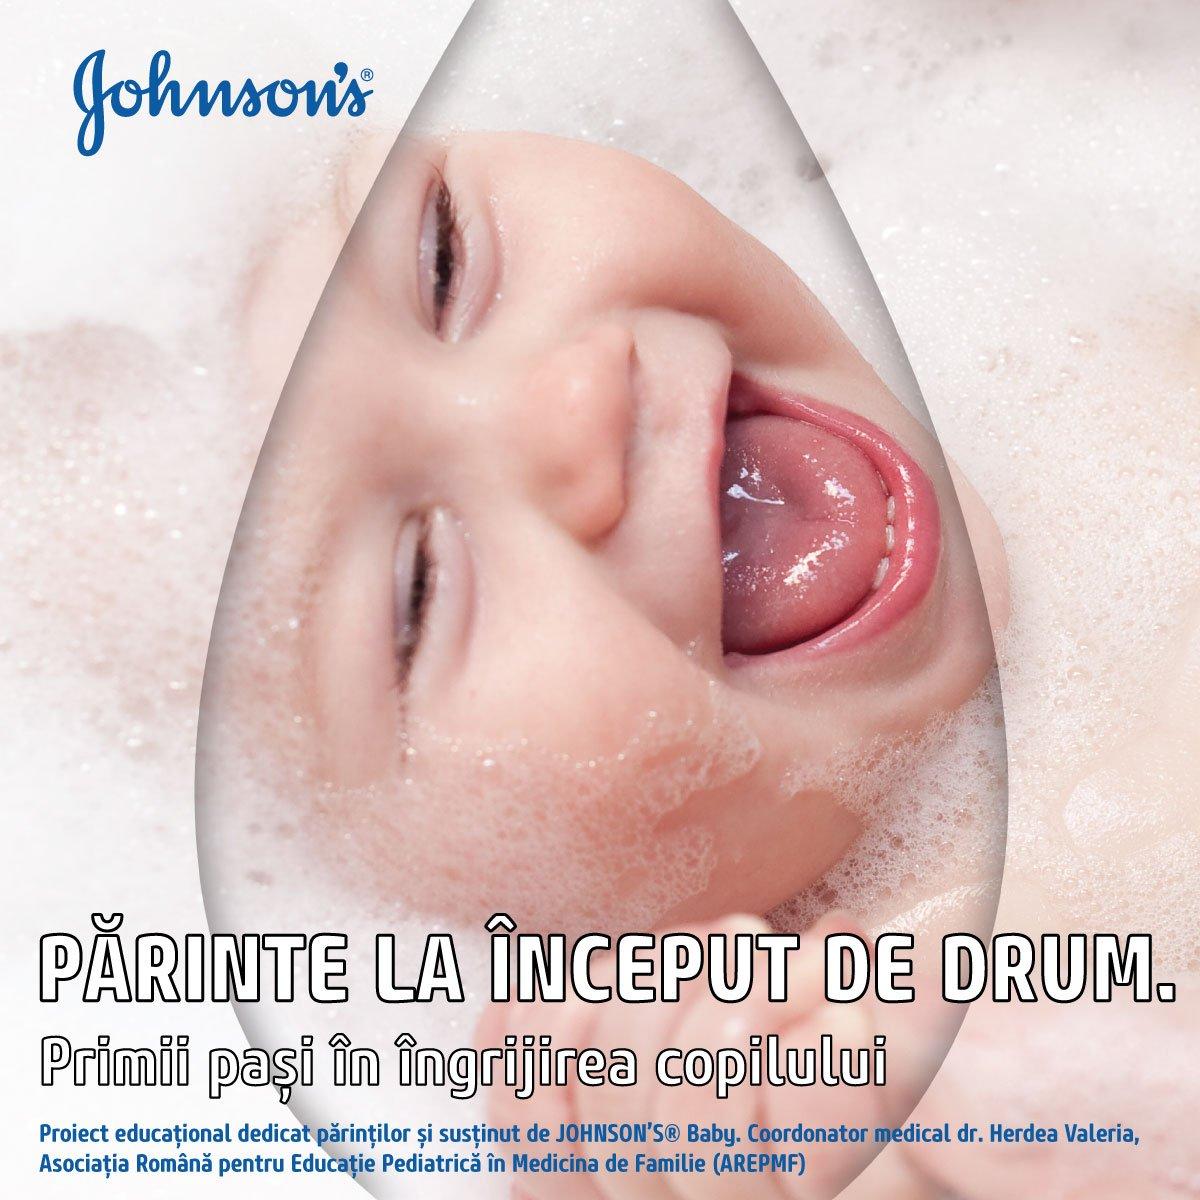 JOHNSON'S® Baby lansează în România un ebook despre igiena și îngrijirea copiilor cu vârsta de la 0 la 3 ani